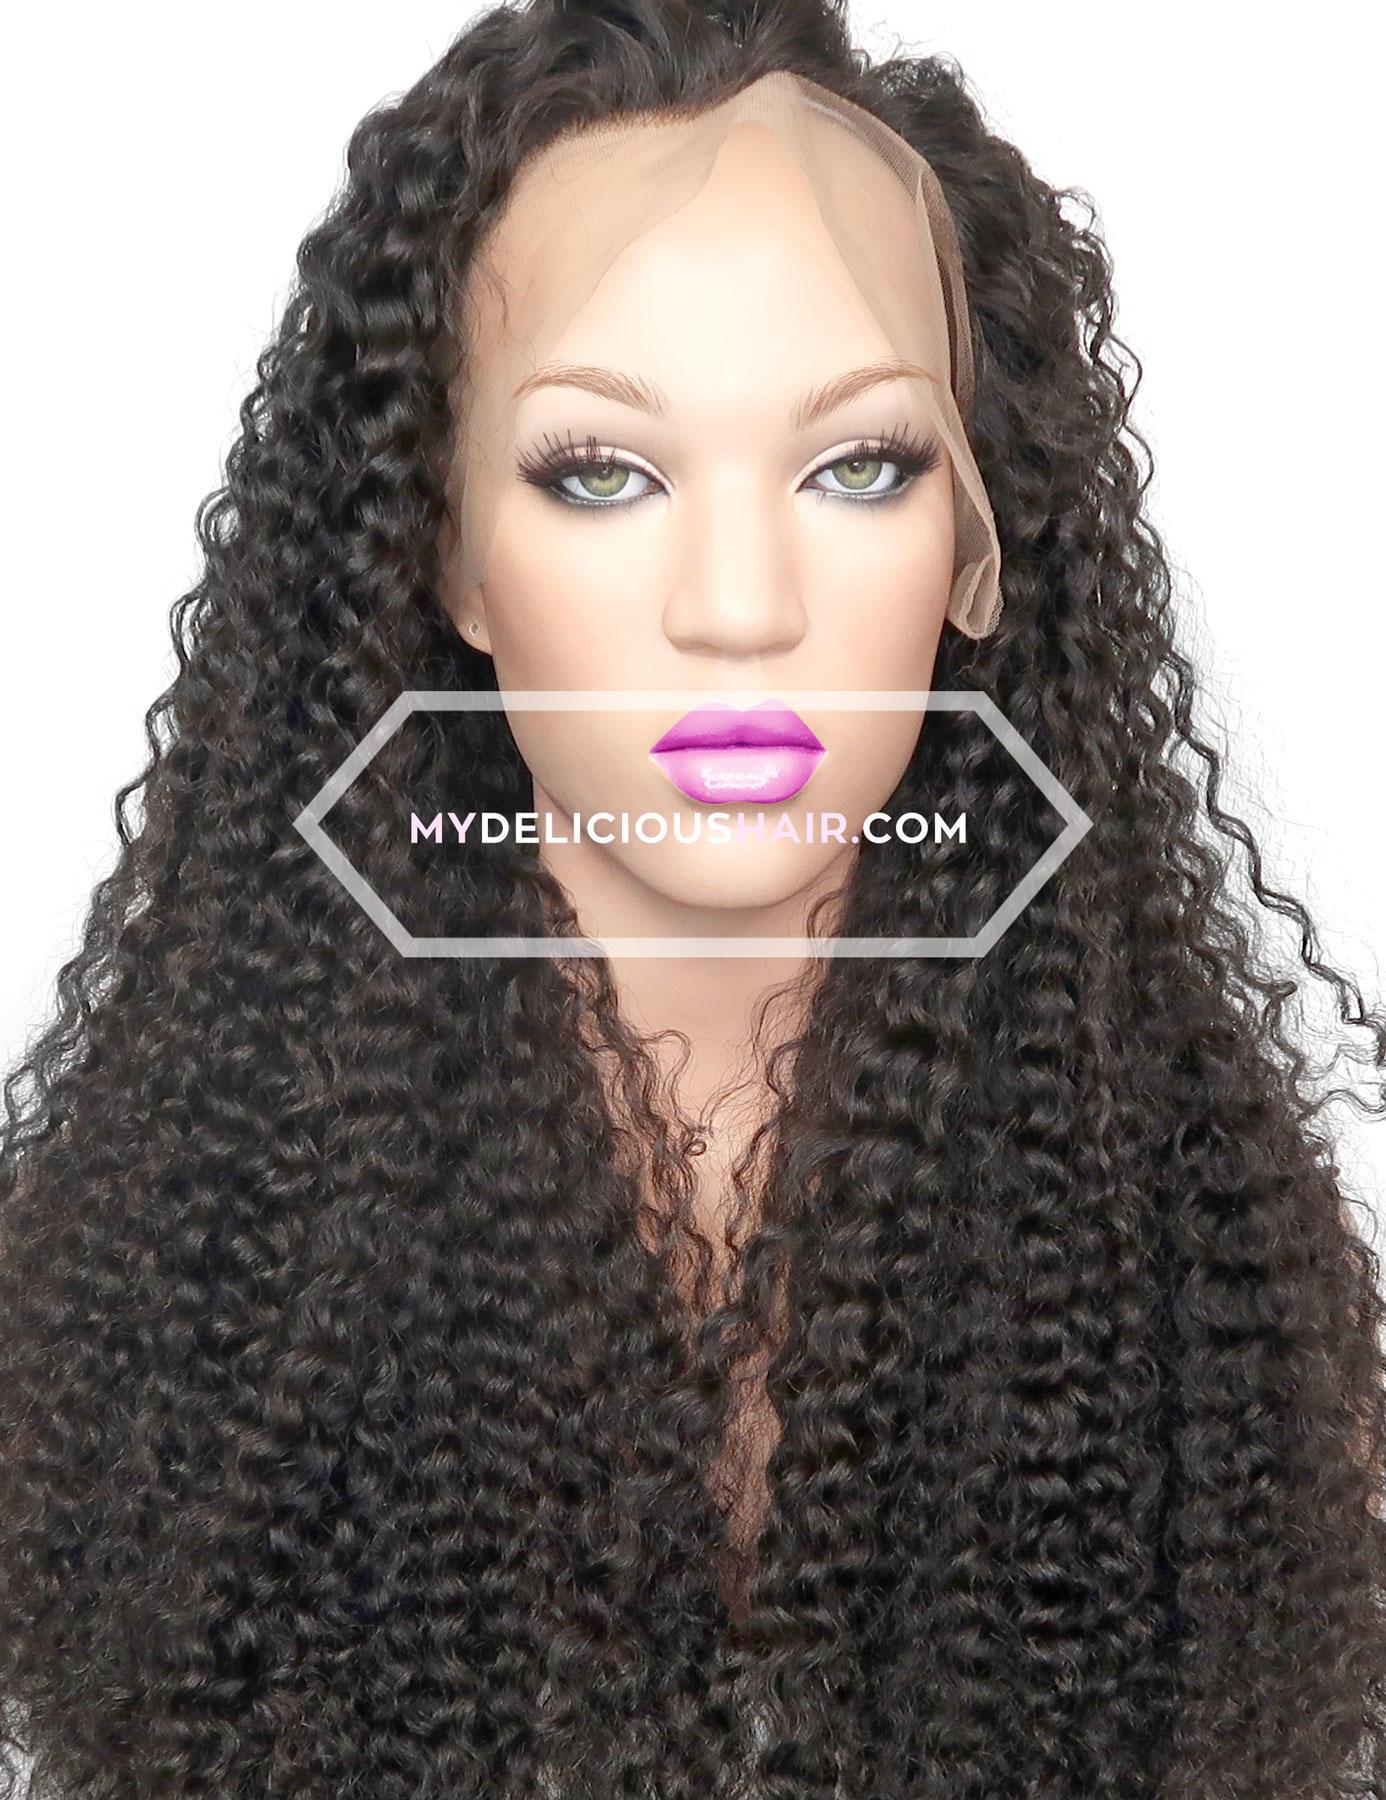 Shop Lace Wigs image 26